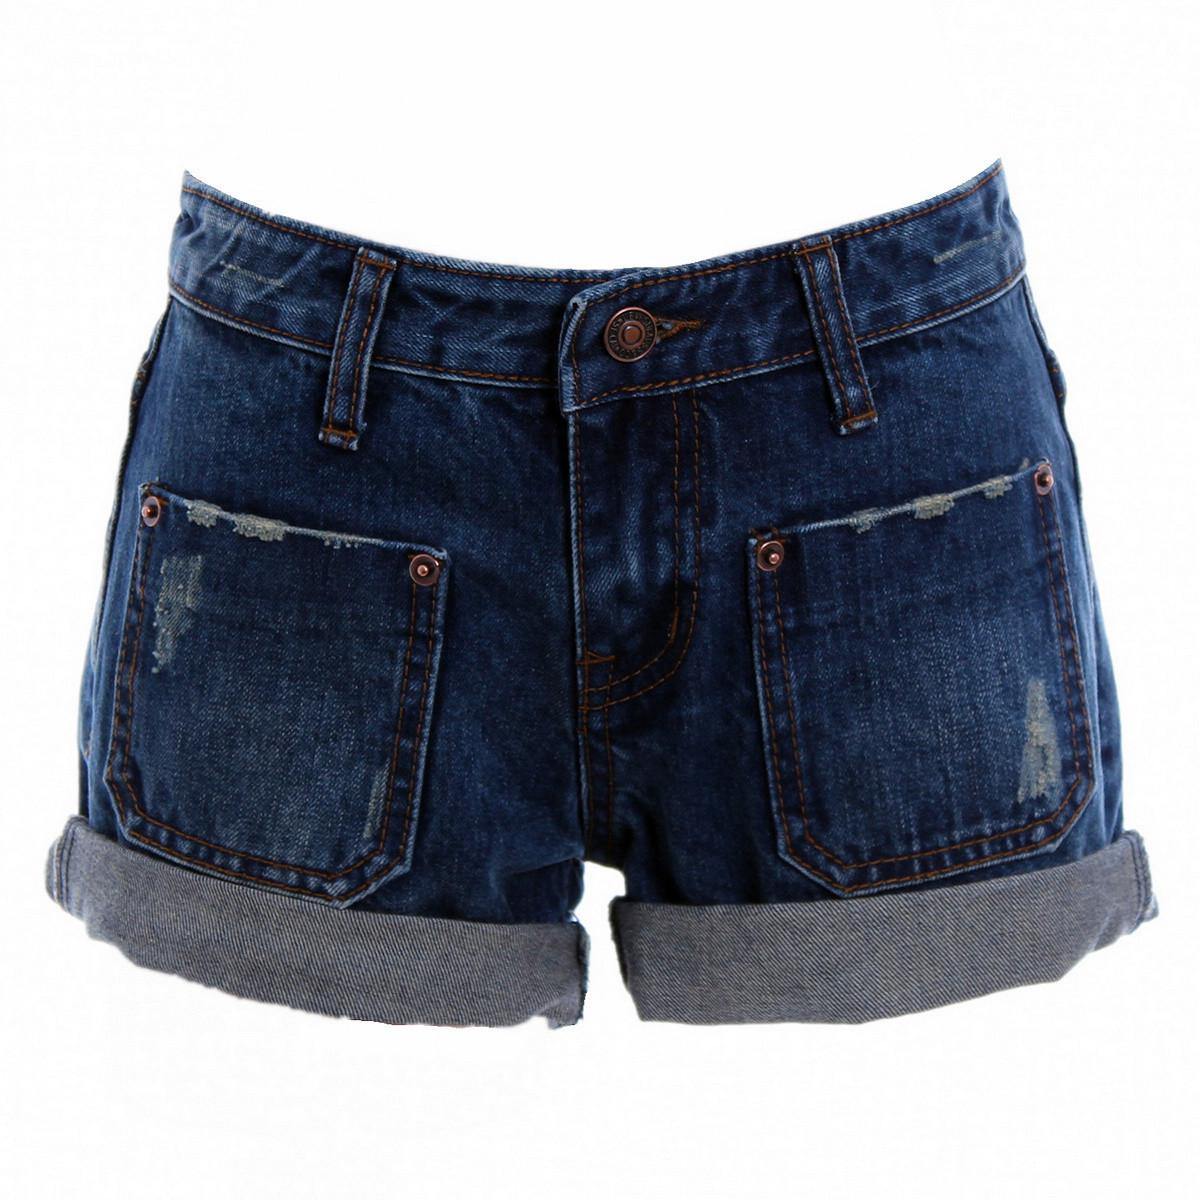 特價便宜批發 男女各種服裝廠家直銷 貨到付款保證質量